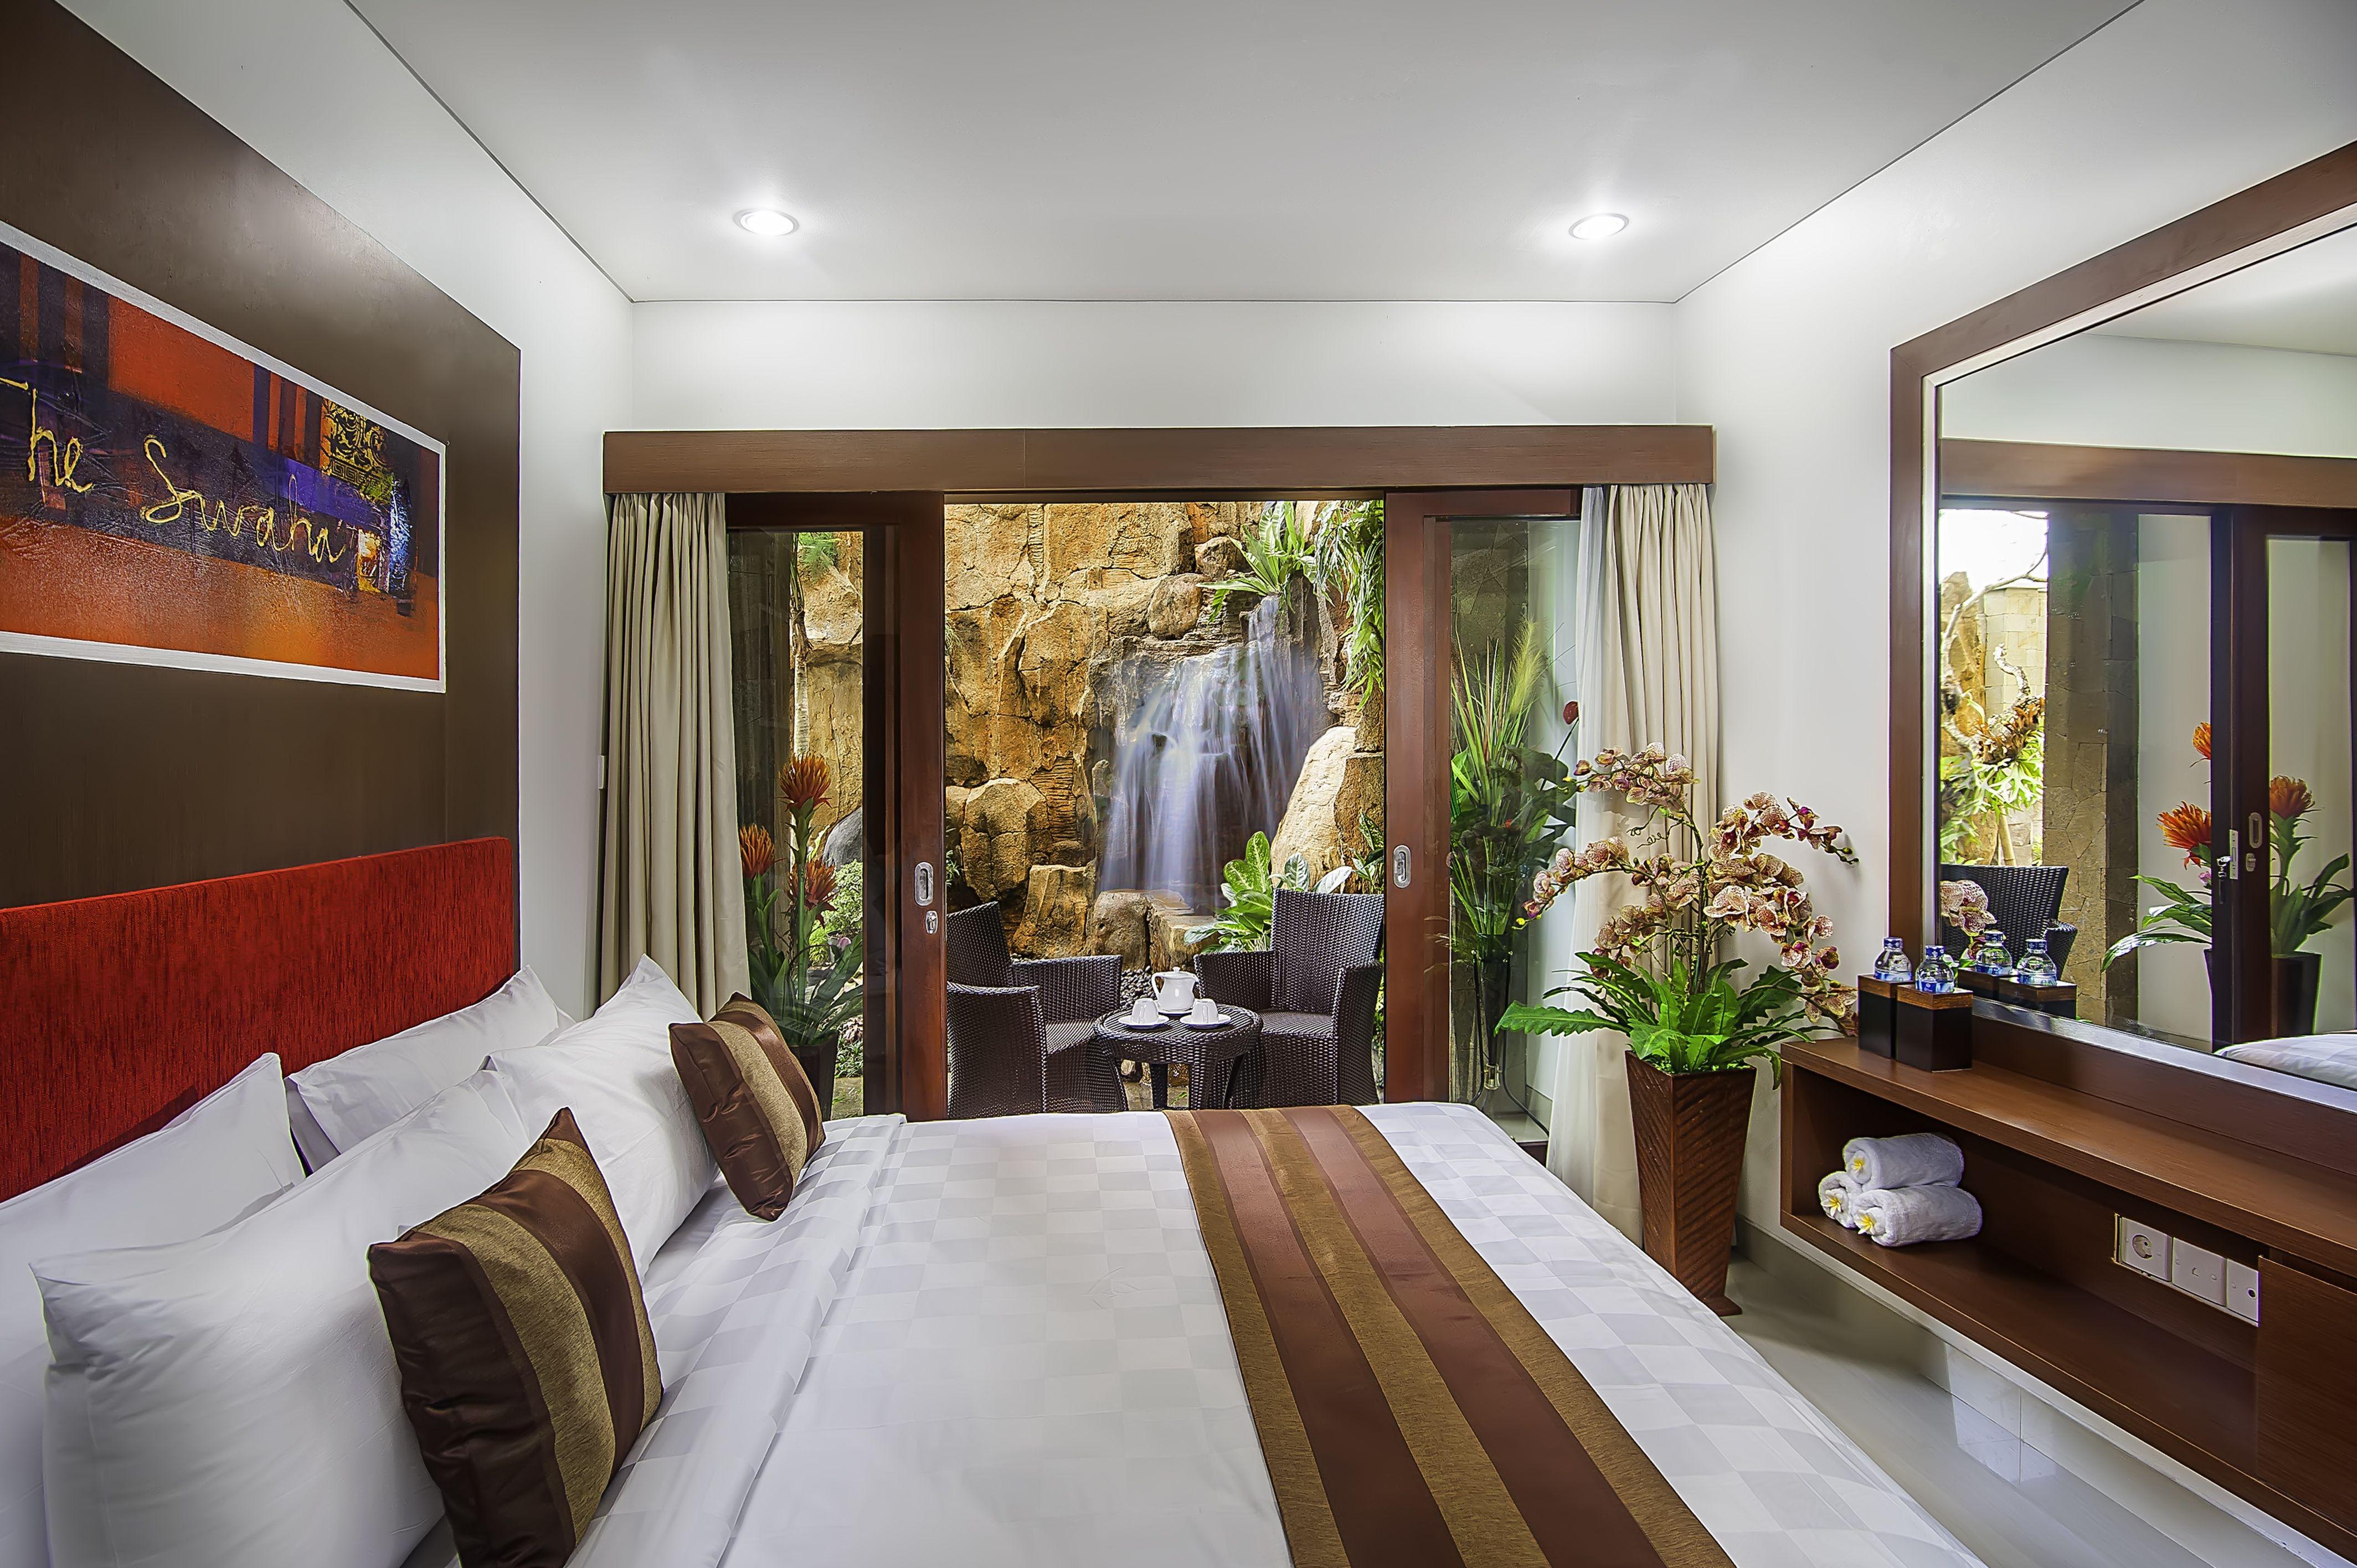 The Swaha Hotel Bali, Gianyar